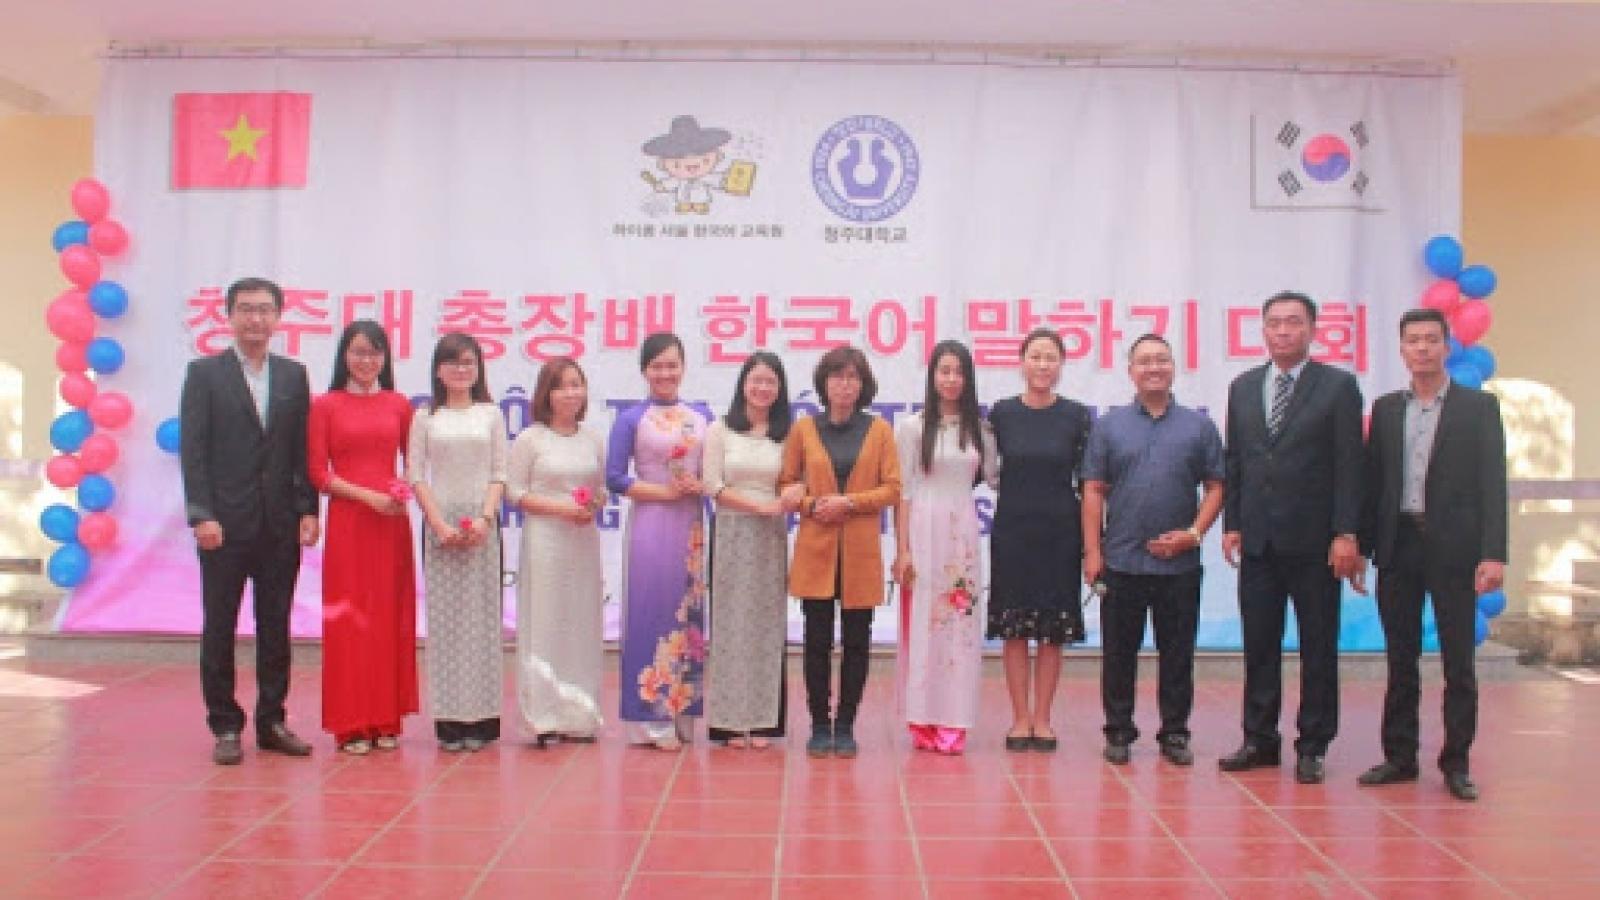 Hàn Quốc mở thêm Trung tâm Hàn ngữ tại Việt Nam